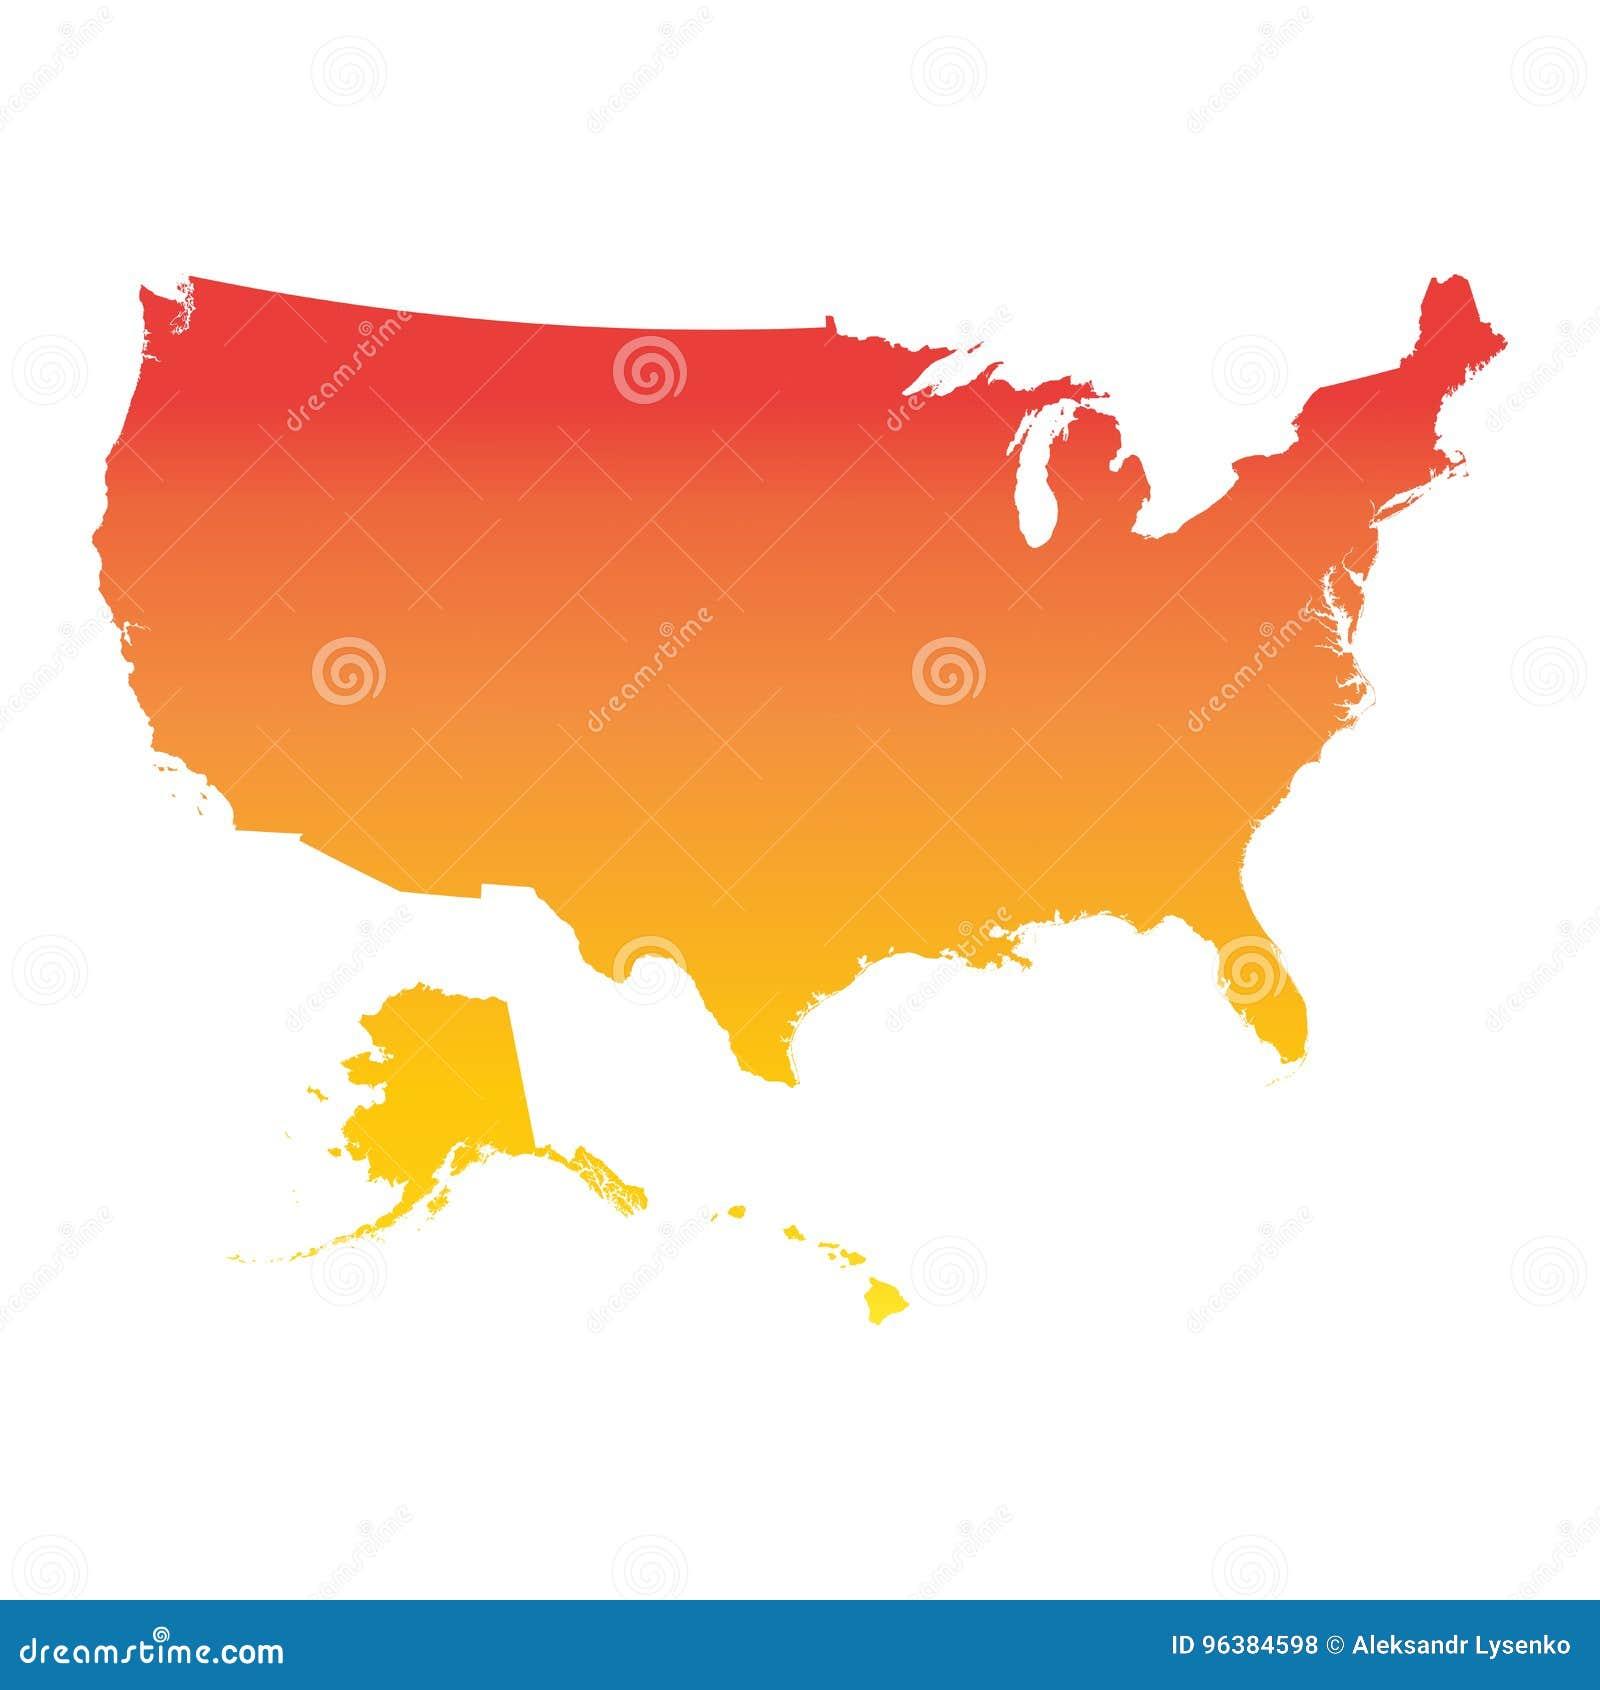 Αμερικανικός, Ηνωμένες Πολιτείες της Αμερικής χάρτης Ζωηρόχρωμο πορτοκαλί διάνυσμα illust